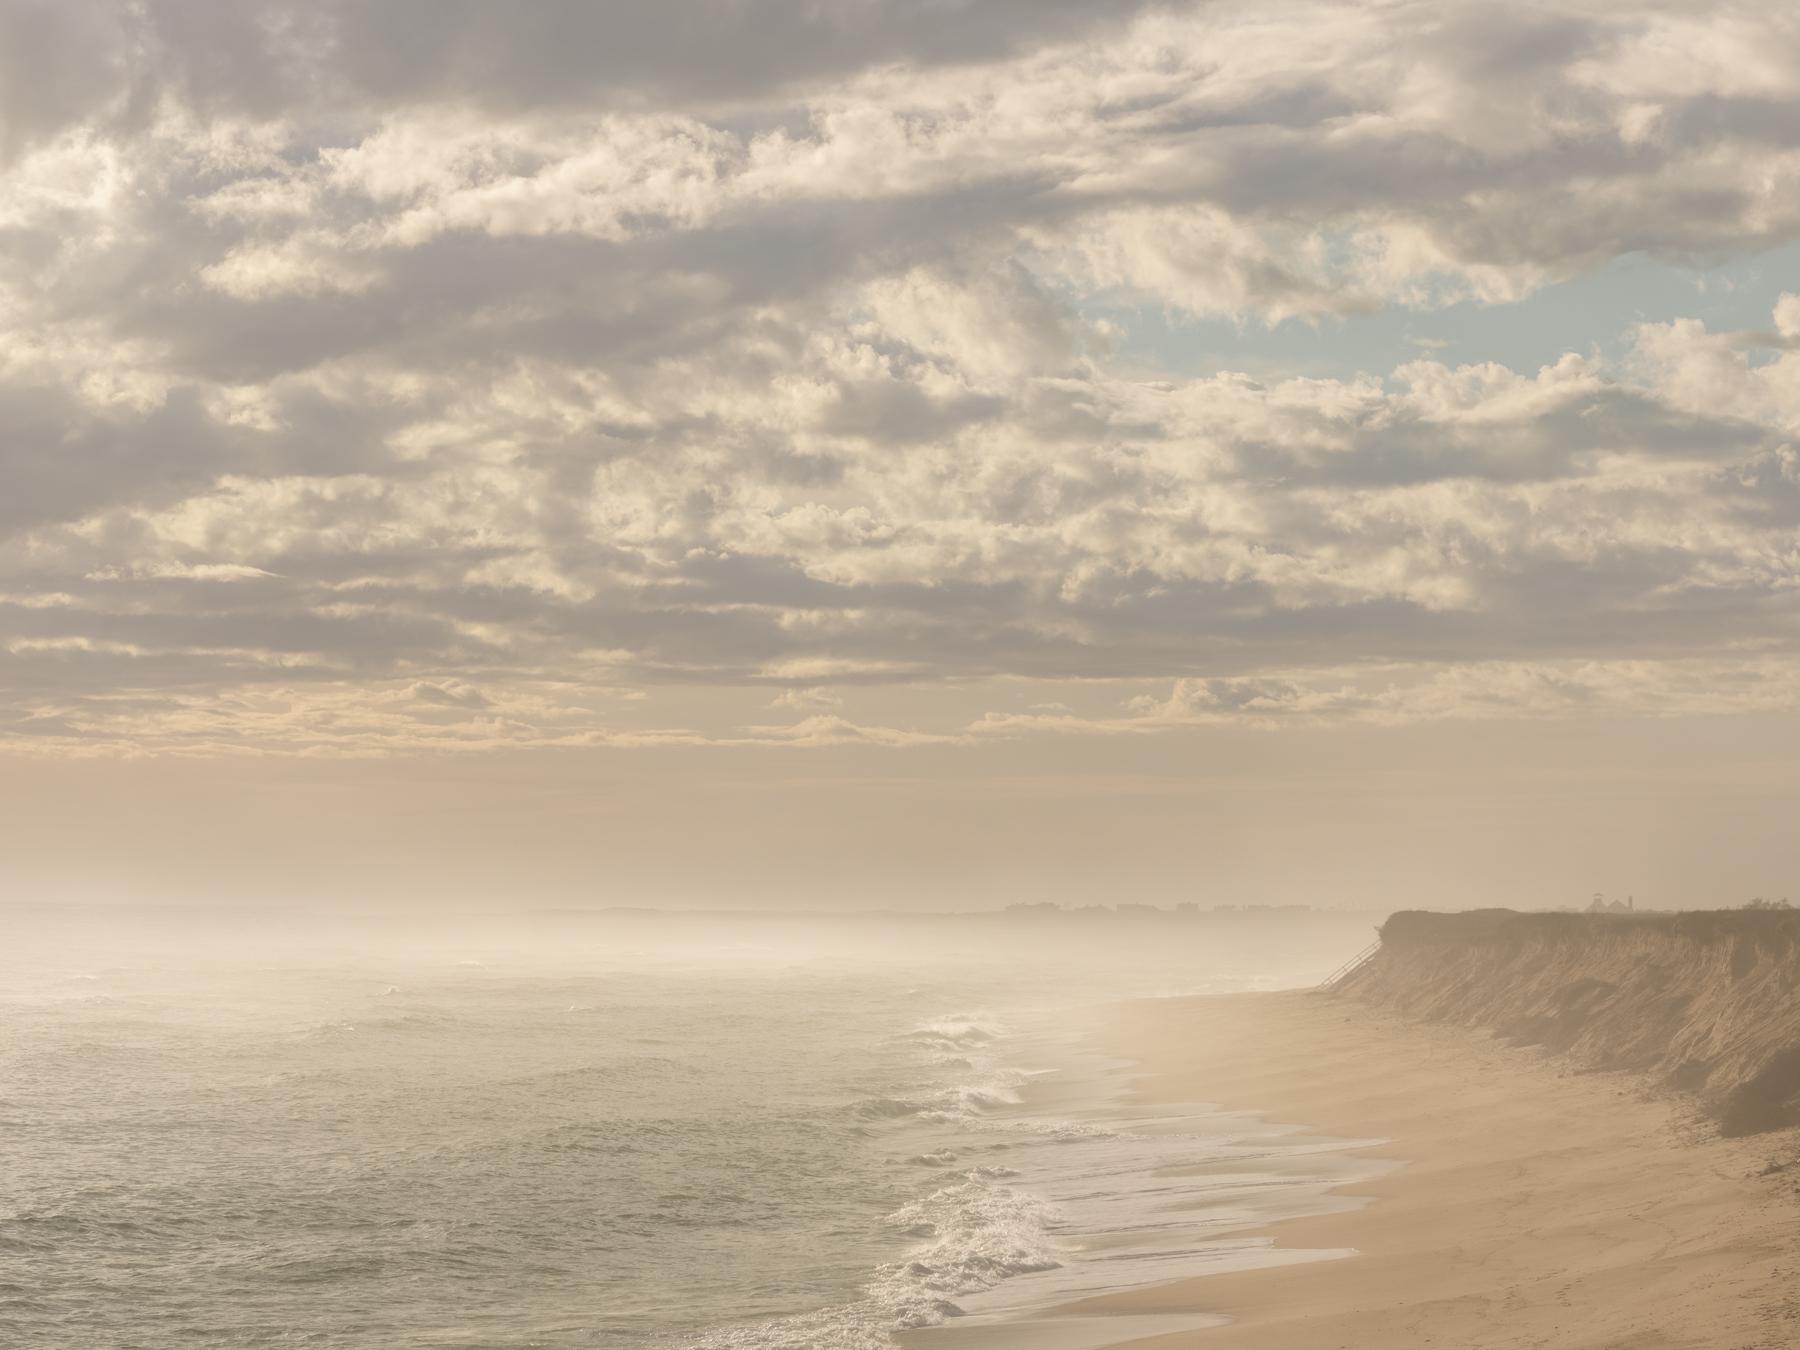 Coastline / Toward Surfside